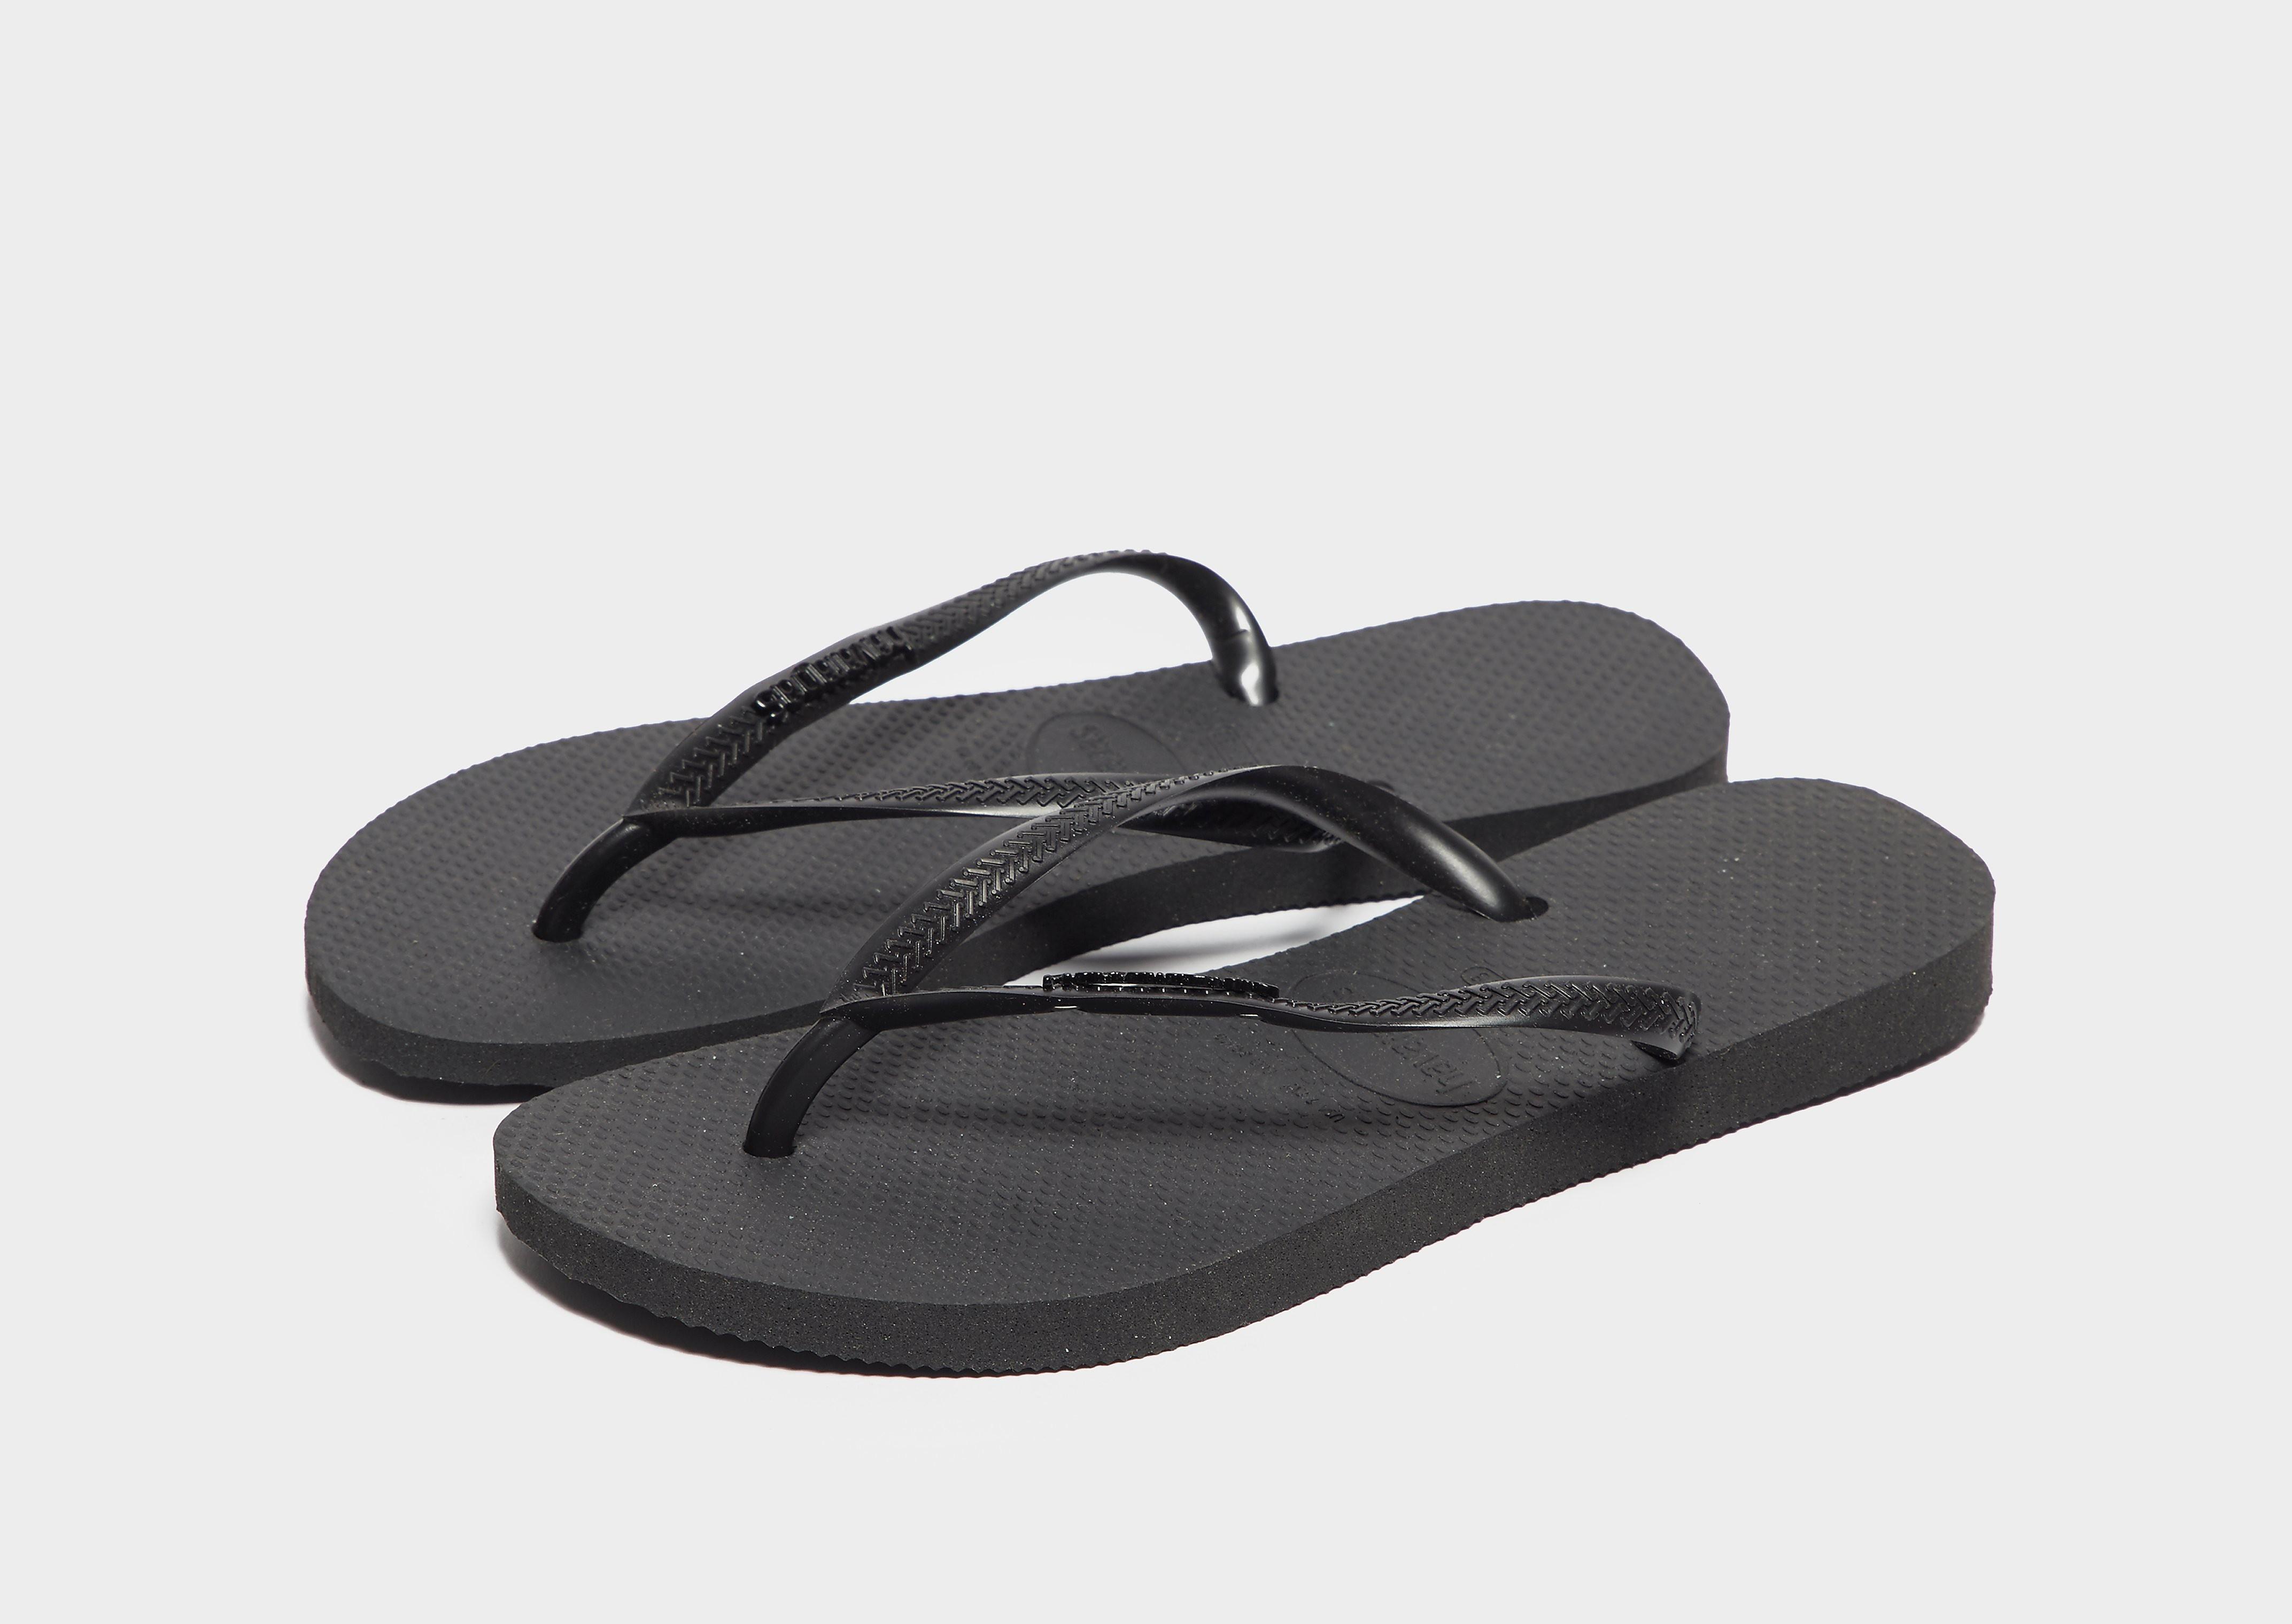 Havaianas Slim Metallic Flip Flops Women's